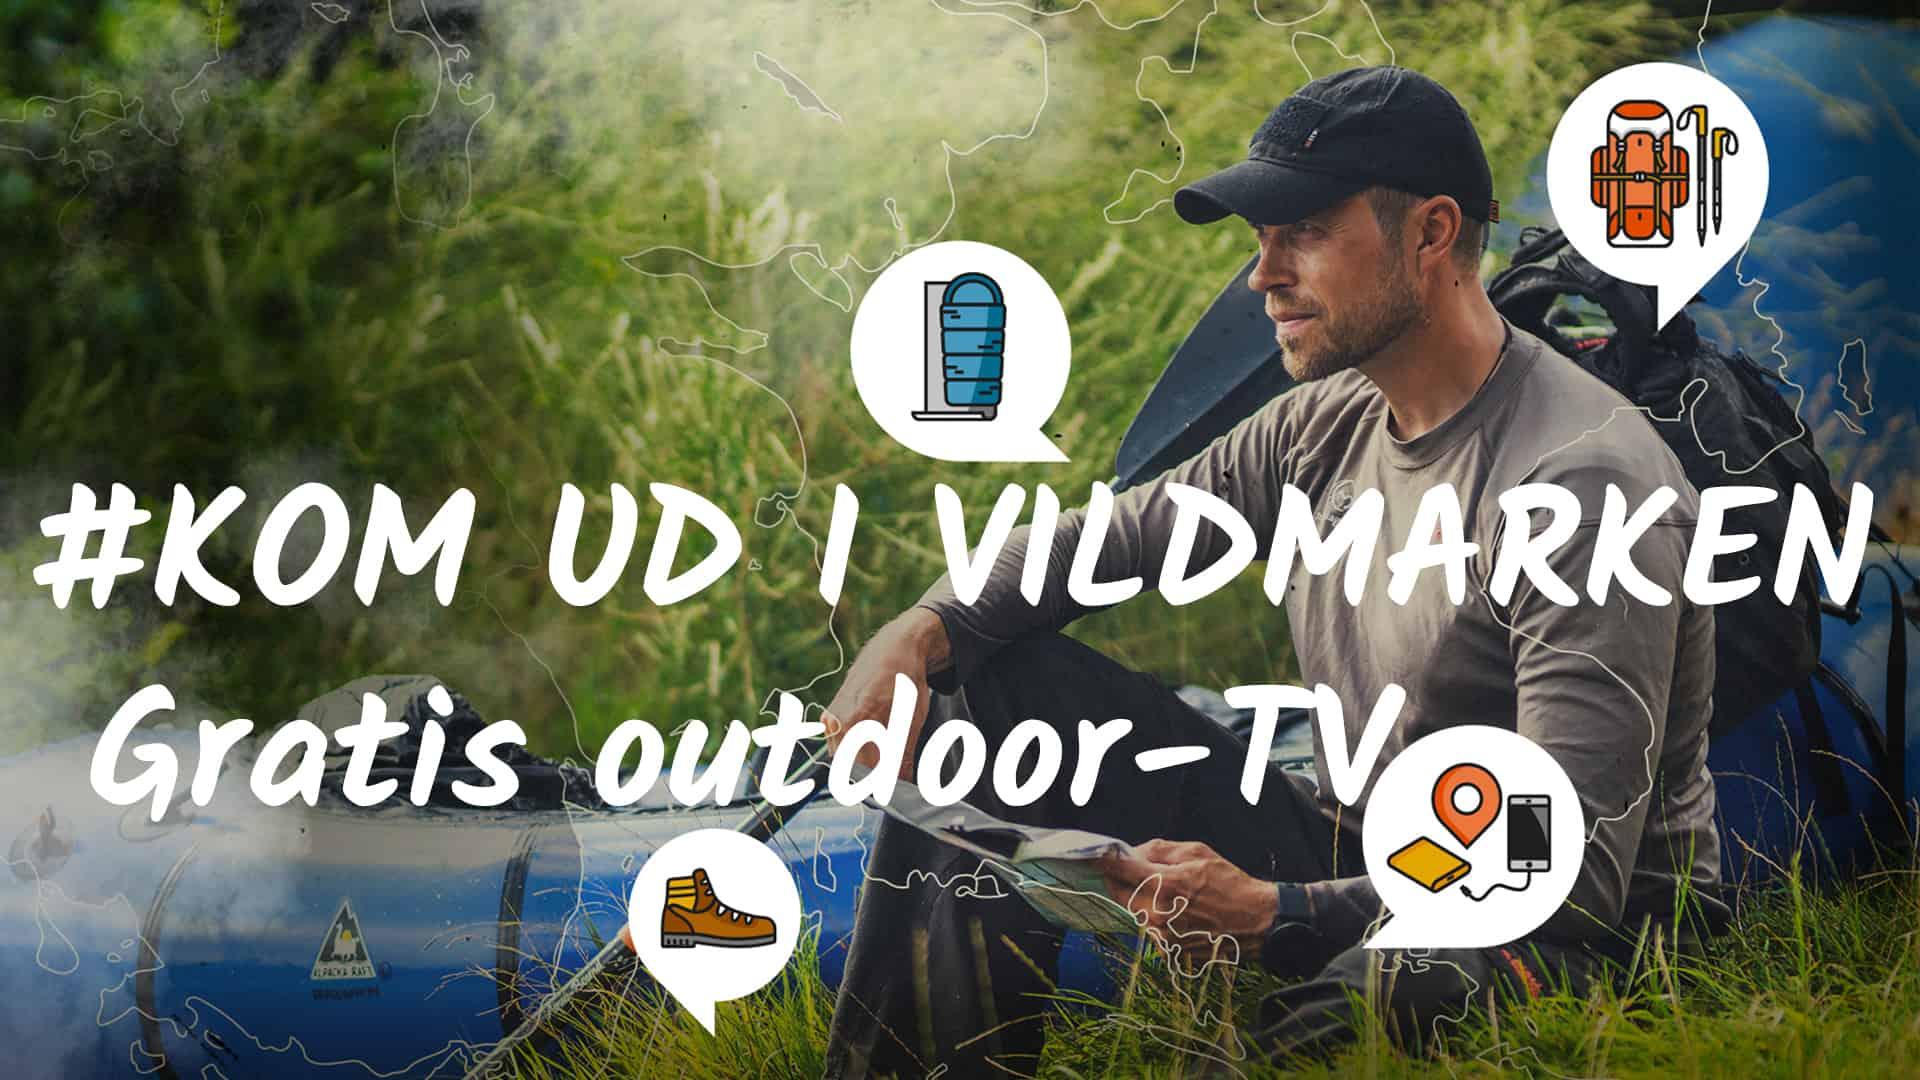 Kom ud i Vildmarken, gratis outdoor-TV med Erik B. Jørgensen. Billede af Erik B. Jørgensen i naturen, med packraft ved sin side